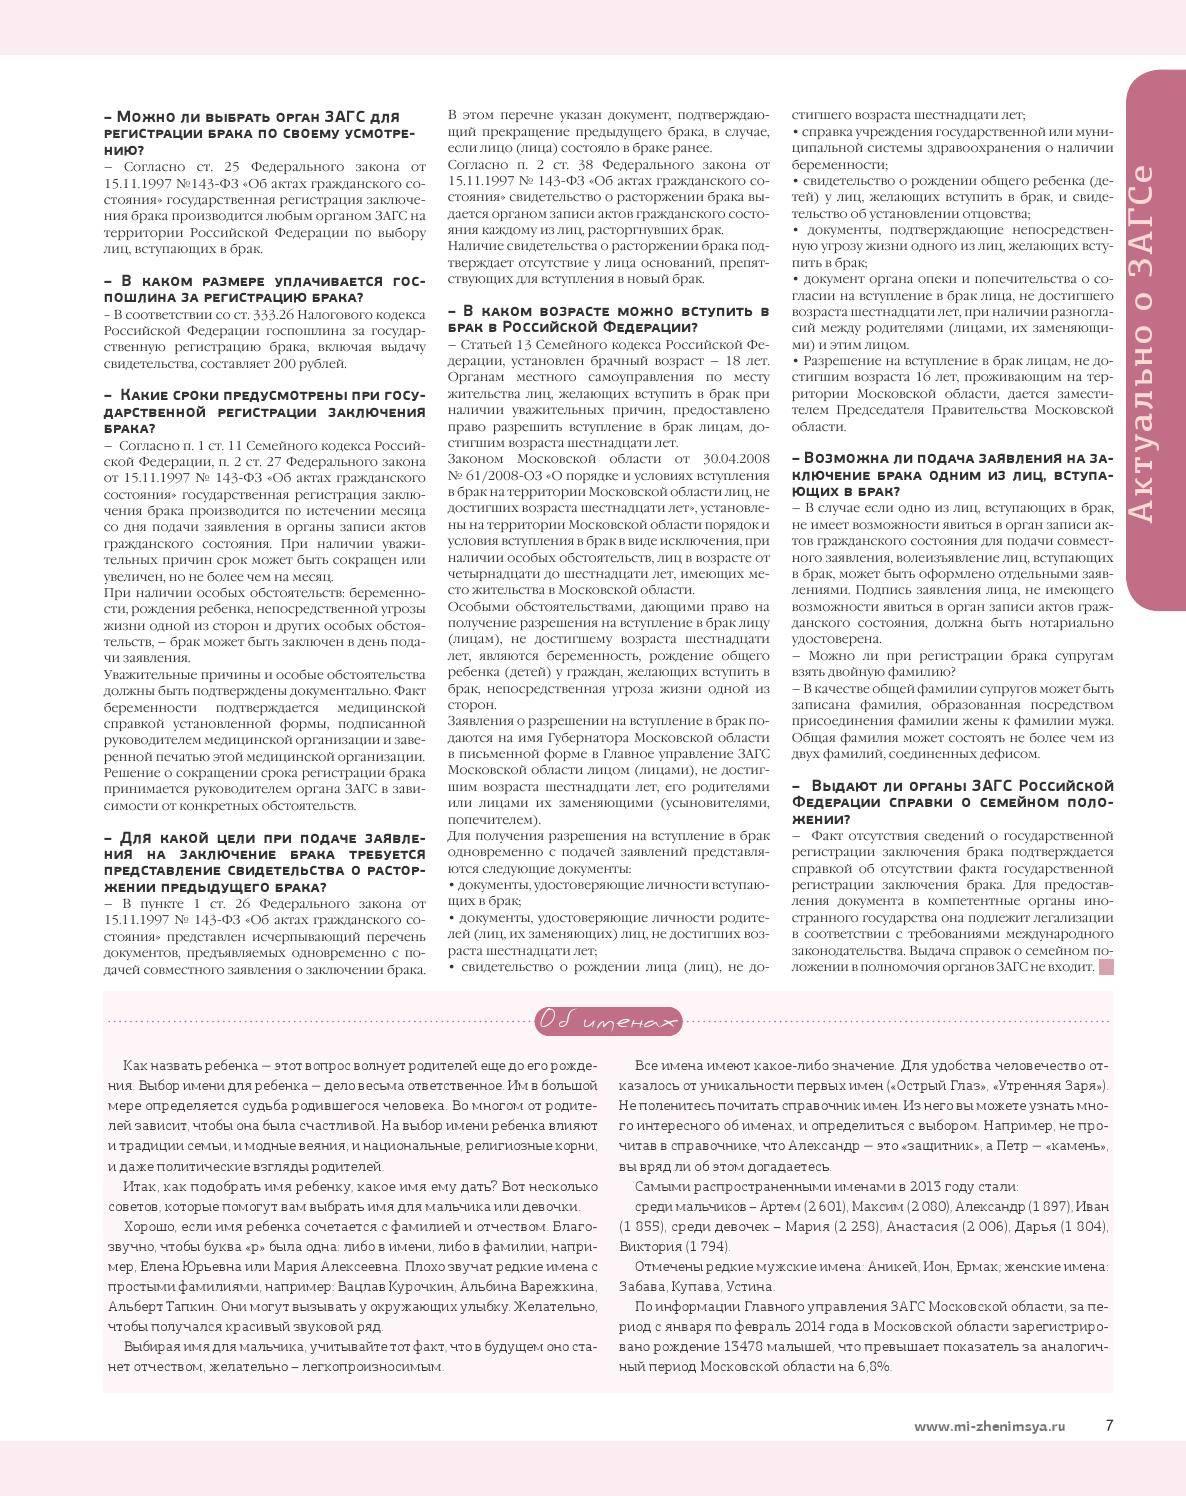 Документы для регистрации в загсе